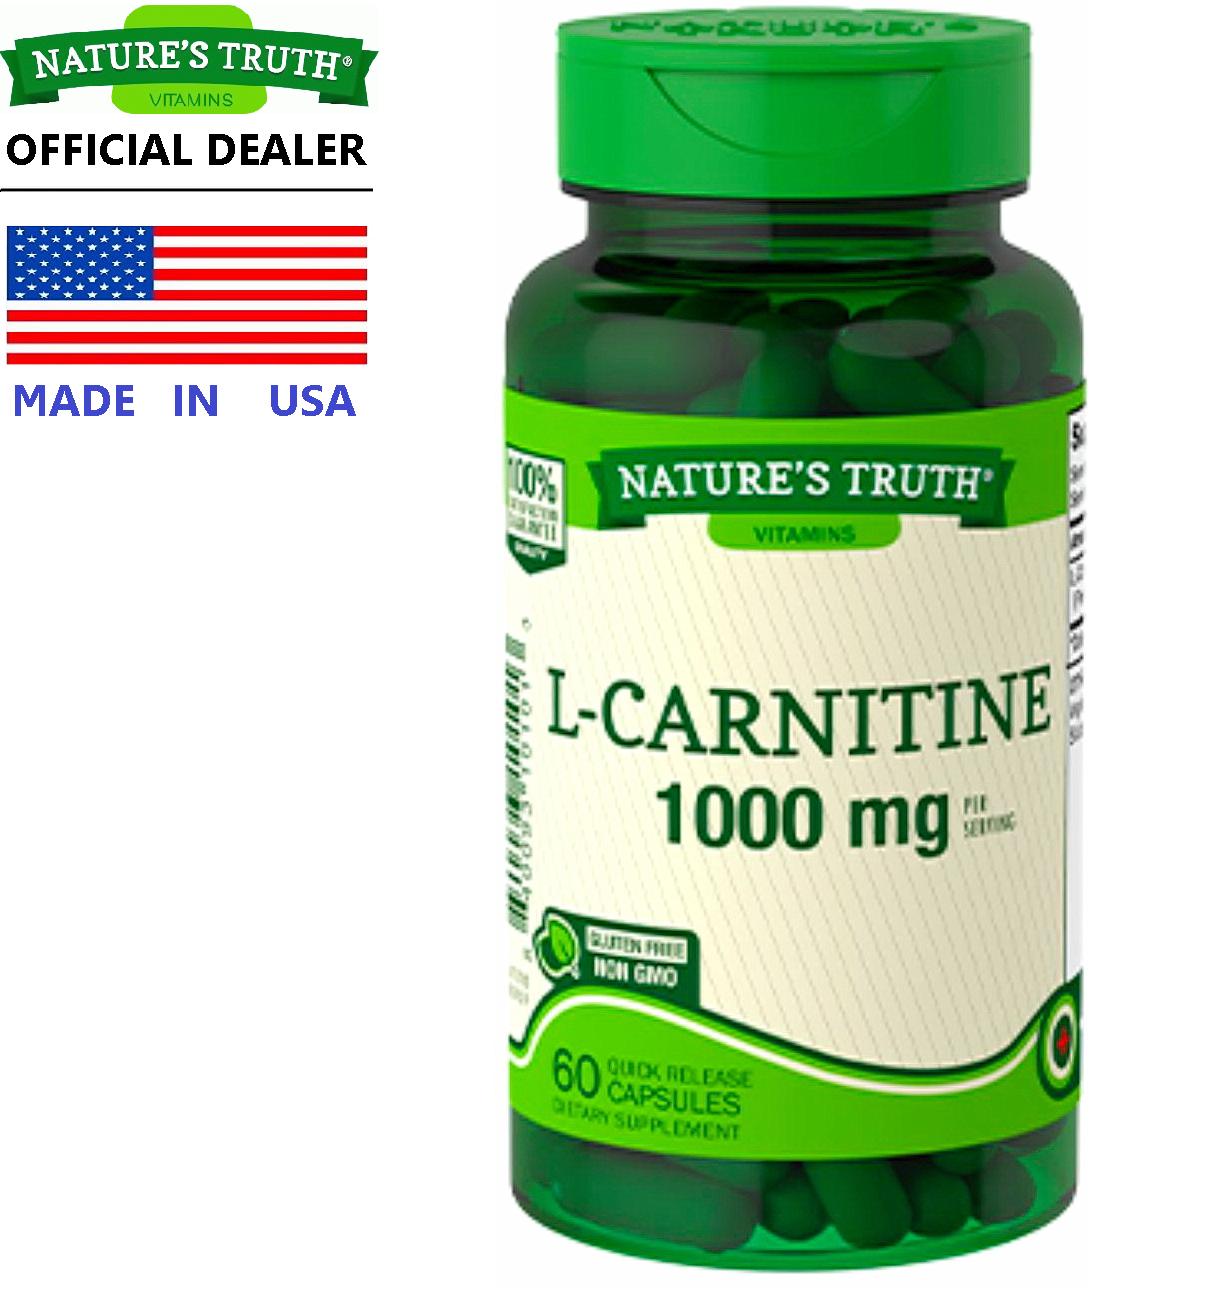 รีวิว Nature's Truth L-Carnitine 1000 mg/s x 60 เม็ด เนเจอร์ทรูทร์ แอล-คาร์นิทีน กรดอะมิโน คาร์นิทีน ไขมันเป็นพลังงาน / กินพร้อมกับ แอปเปิ้ลไซเดอร์ บีซีเอเอ ชาเขียวสกัด ไคโตซาน การ์ซีเนีย ส้มแขก สารสกัดถั่วขาว โปรไบโอติกส์ น้ำมันปลา /